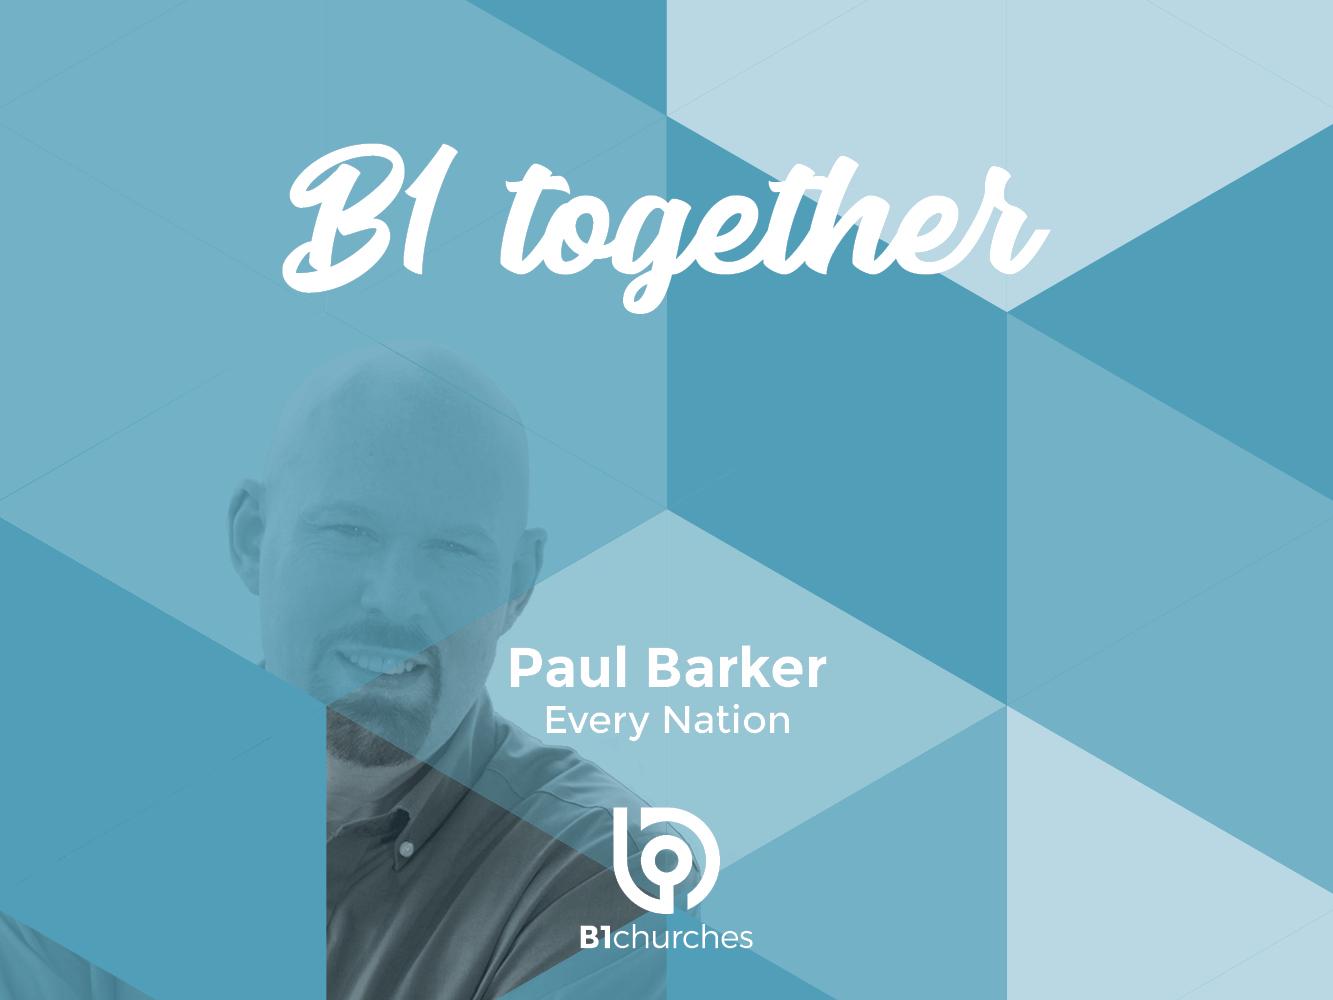 B1 Together Paul Barker.jpg